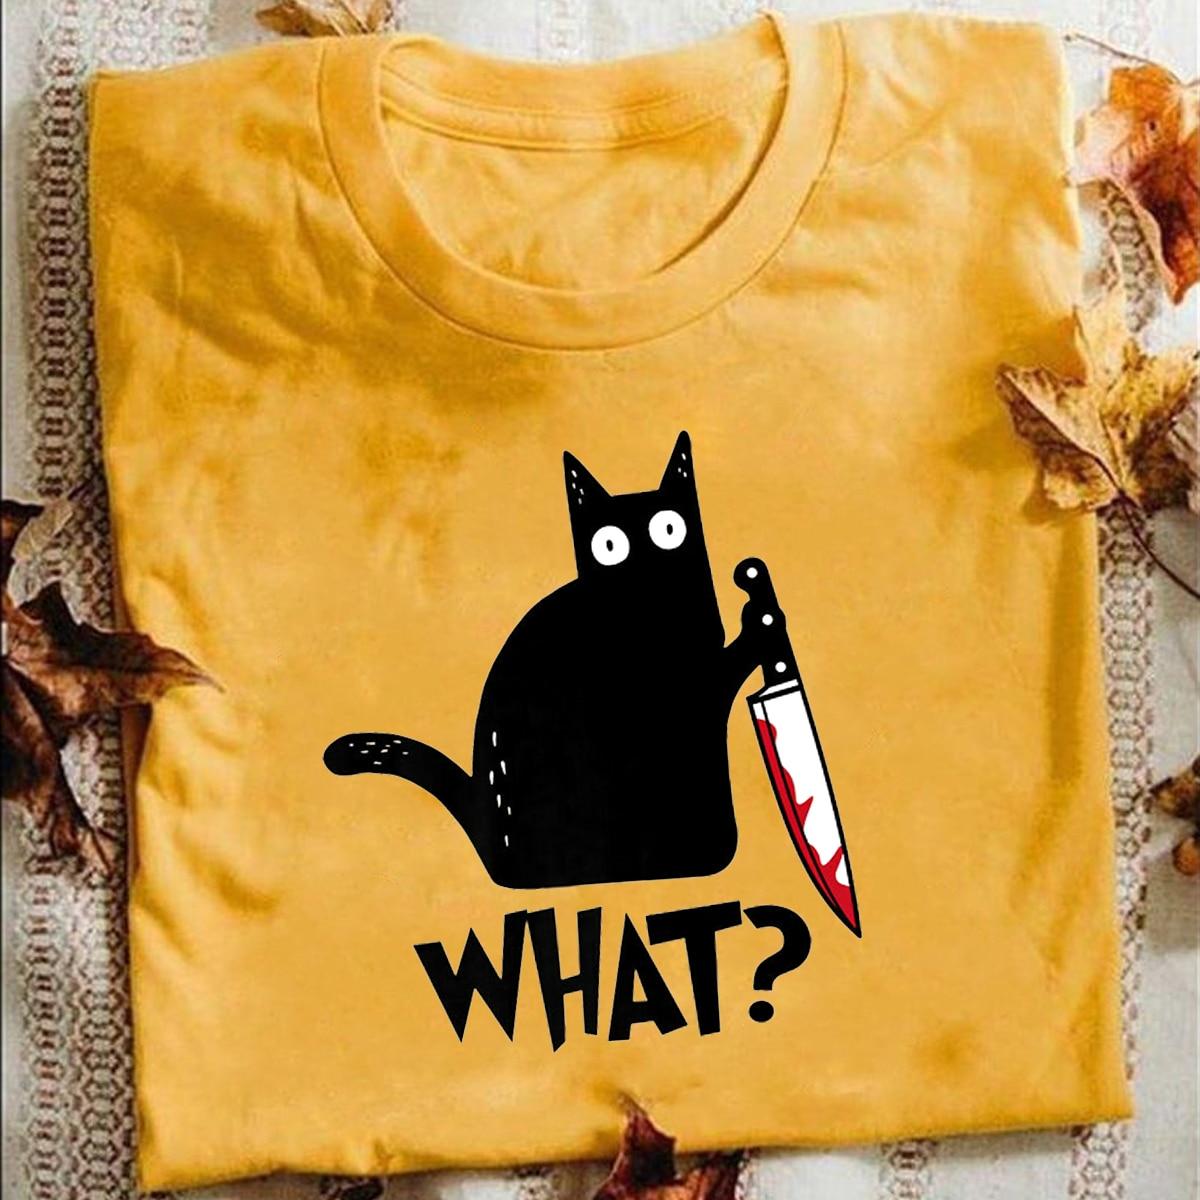 Футболка с кошкой, забавная футболка в подарок на Хэллоуин, хлопковая футболка унисекс для мужчин и женщин Футболки      АлиЭкспресс